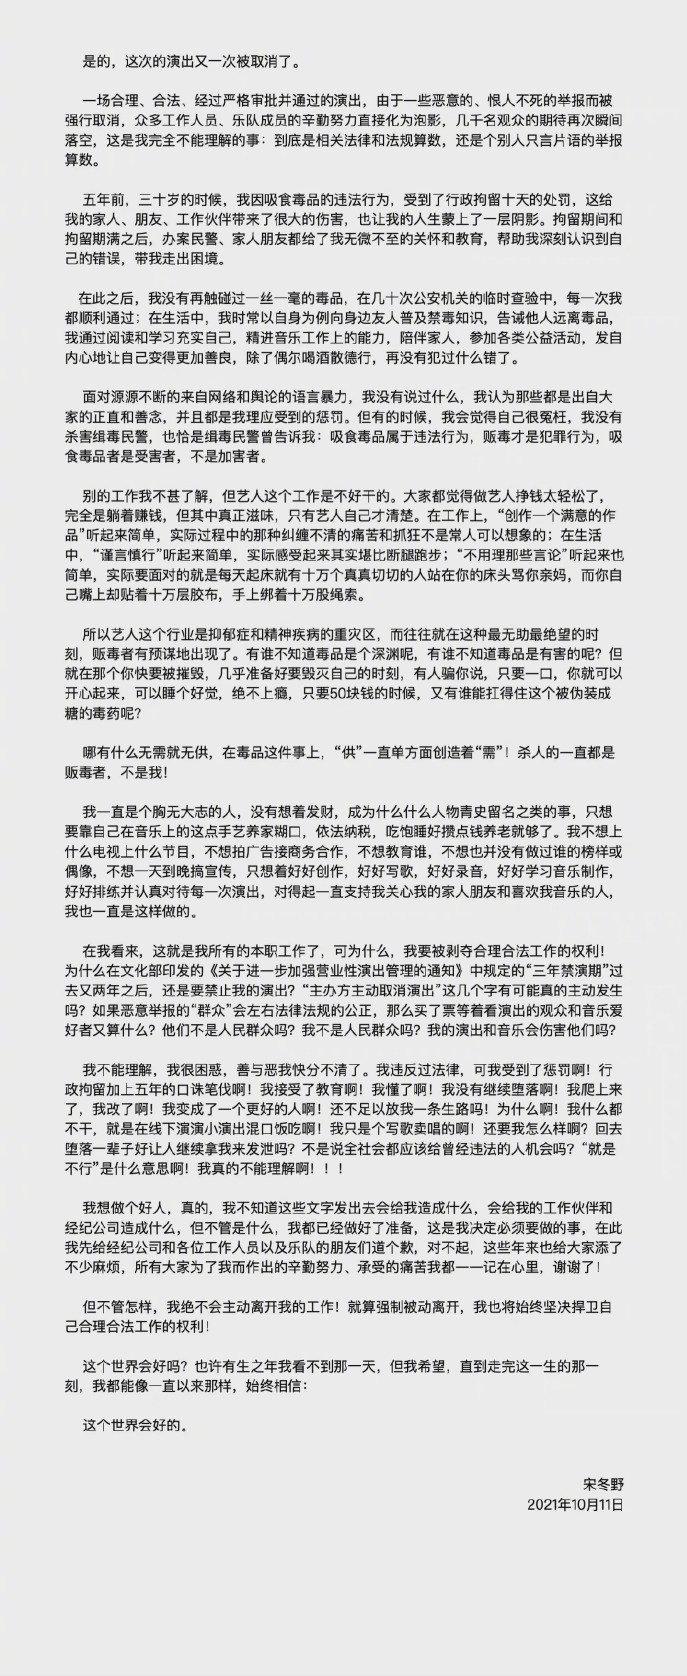 宋东野的社交账户被禁止